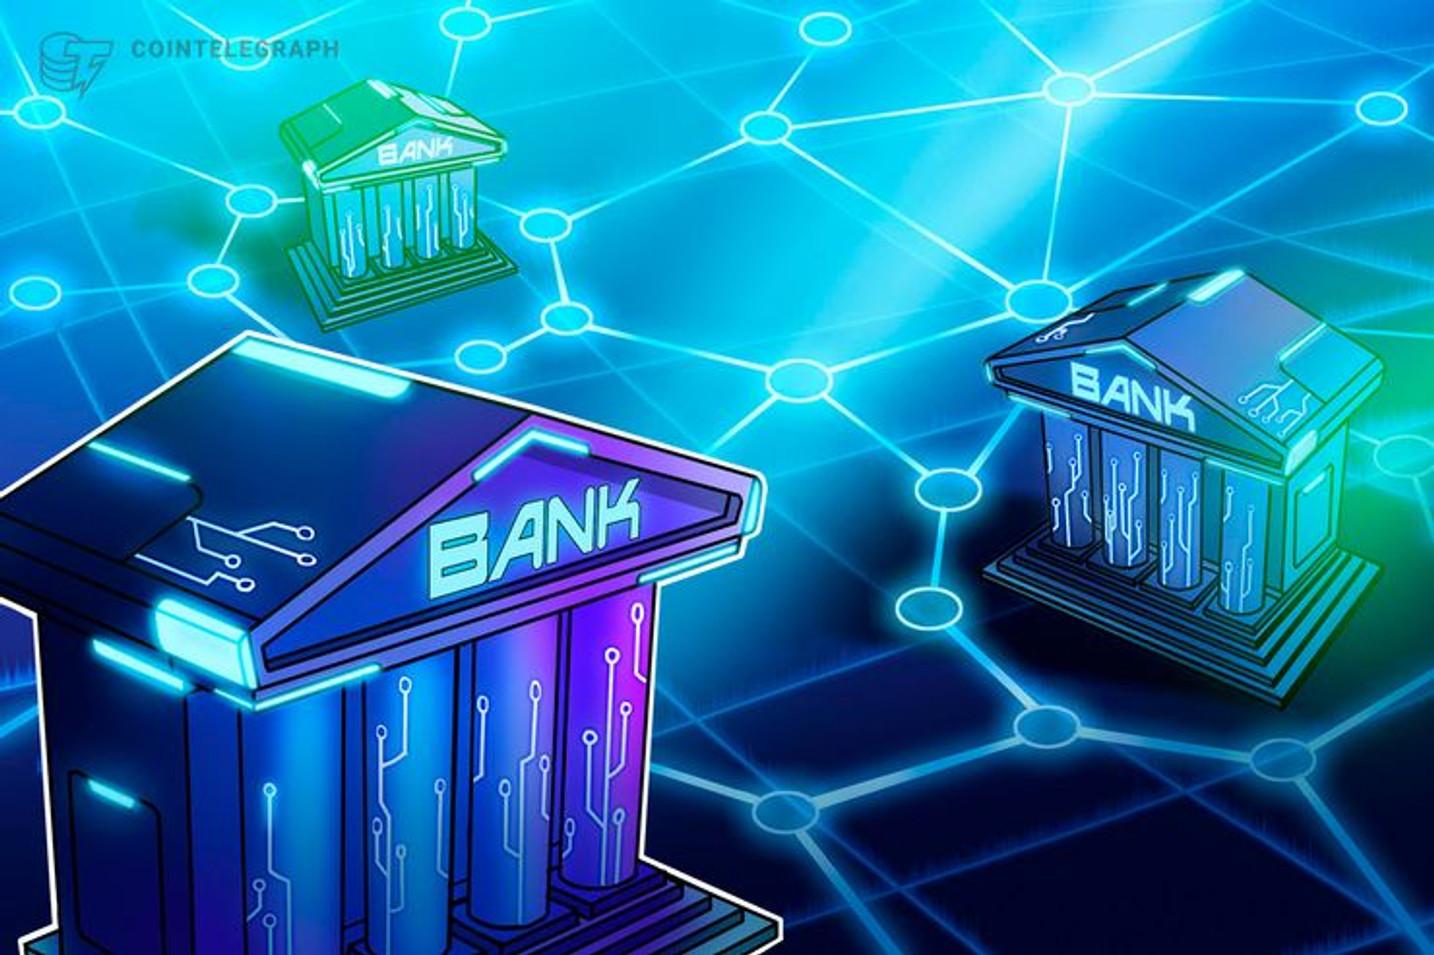 Frankfurter KfW Bank veröffentlicht Blockchain-Software für die Entwicklungszusammenarbeit